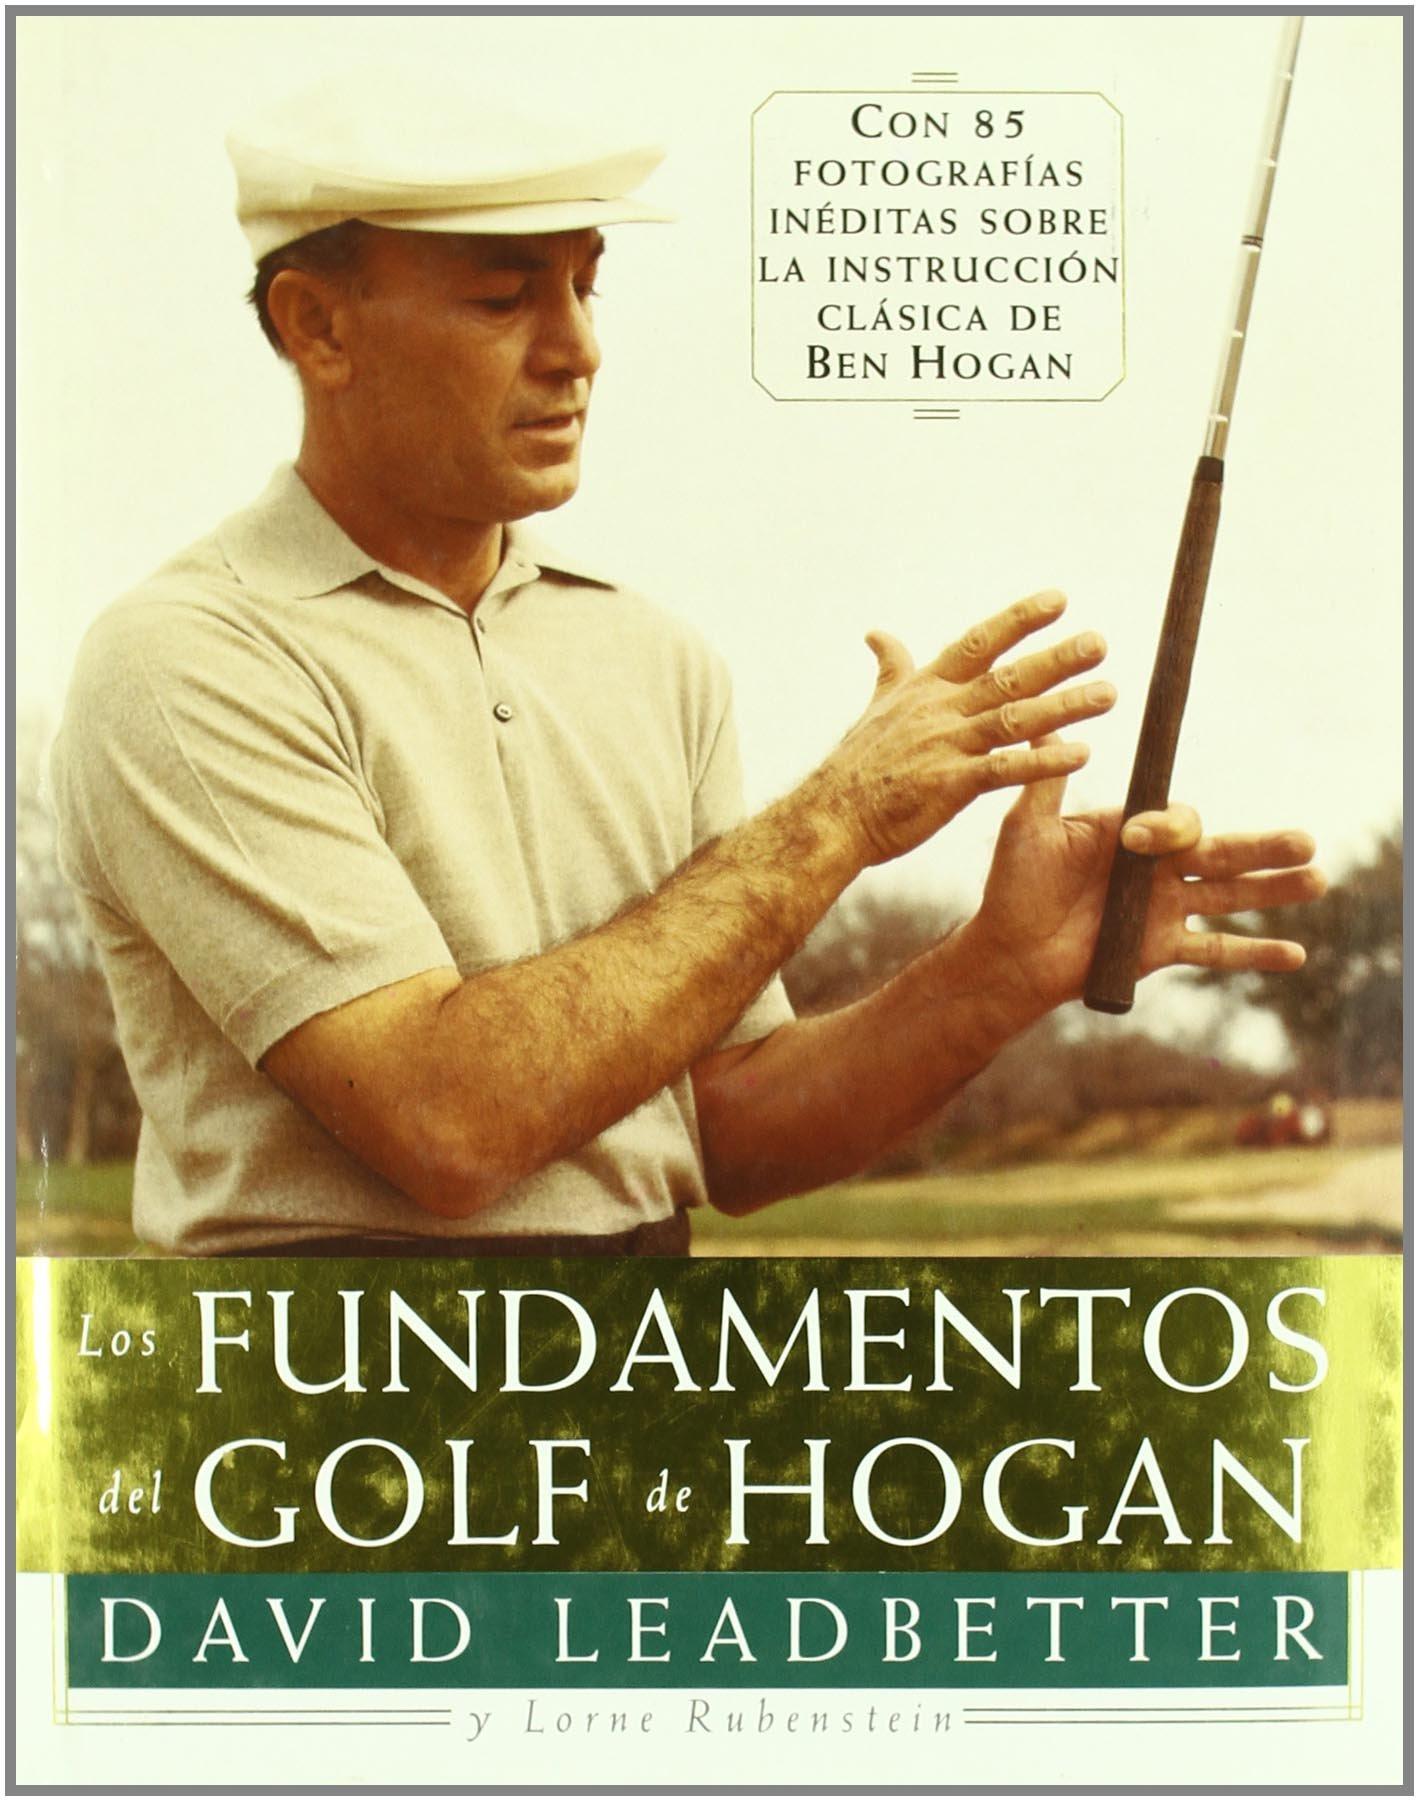 Los Fundamentos del Golf de Hogan (Spanish Edition) by Tutor S.A.